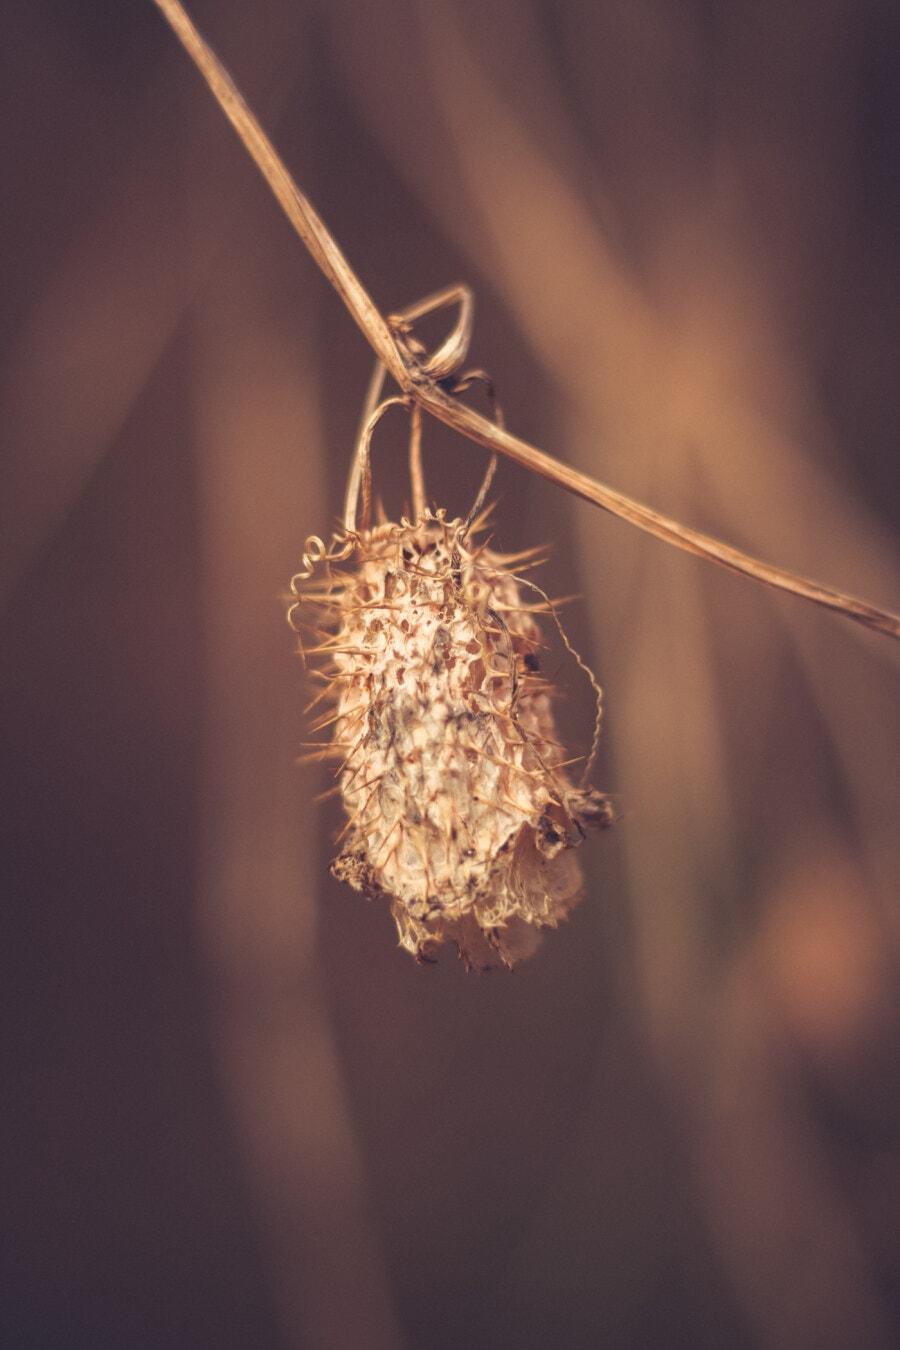 seminţe, iarbă, crenguţă, Sezonul secetos, până aproape, sepia, plante, vara, naturale, iarba